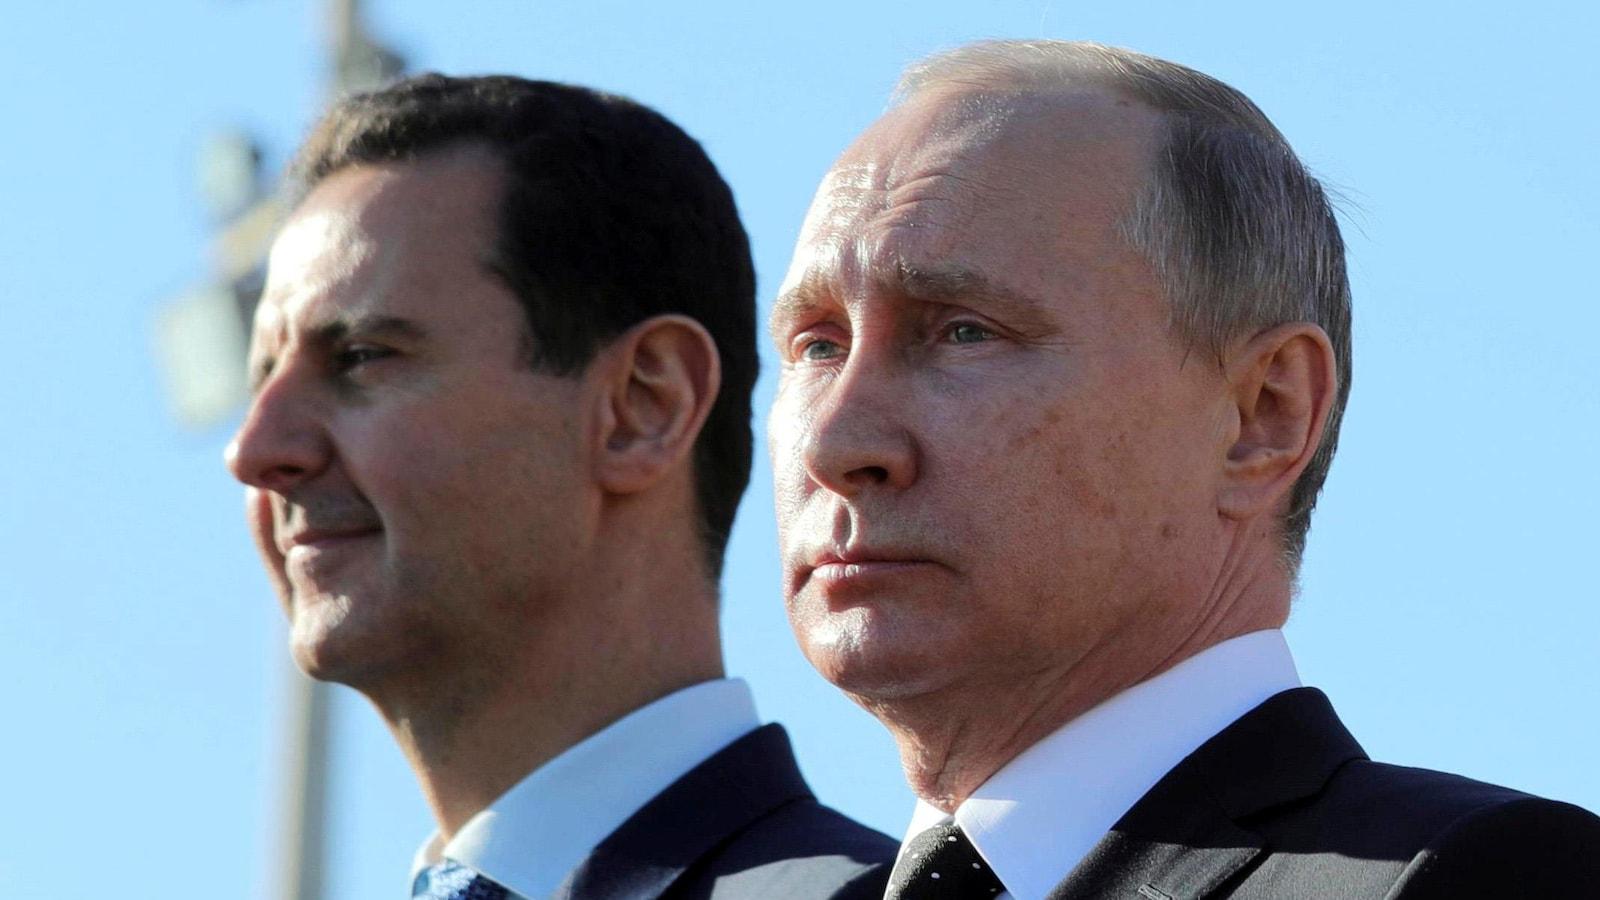 Le président syrien Bachar Al-Assad et son homologue russe Vladimir Poutine ont visité une base aérienne militaire dans la province de Latakia, en décembre 2017.